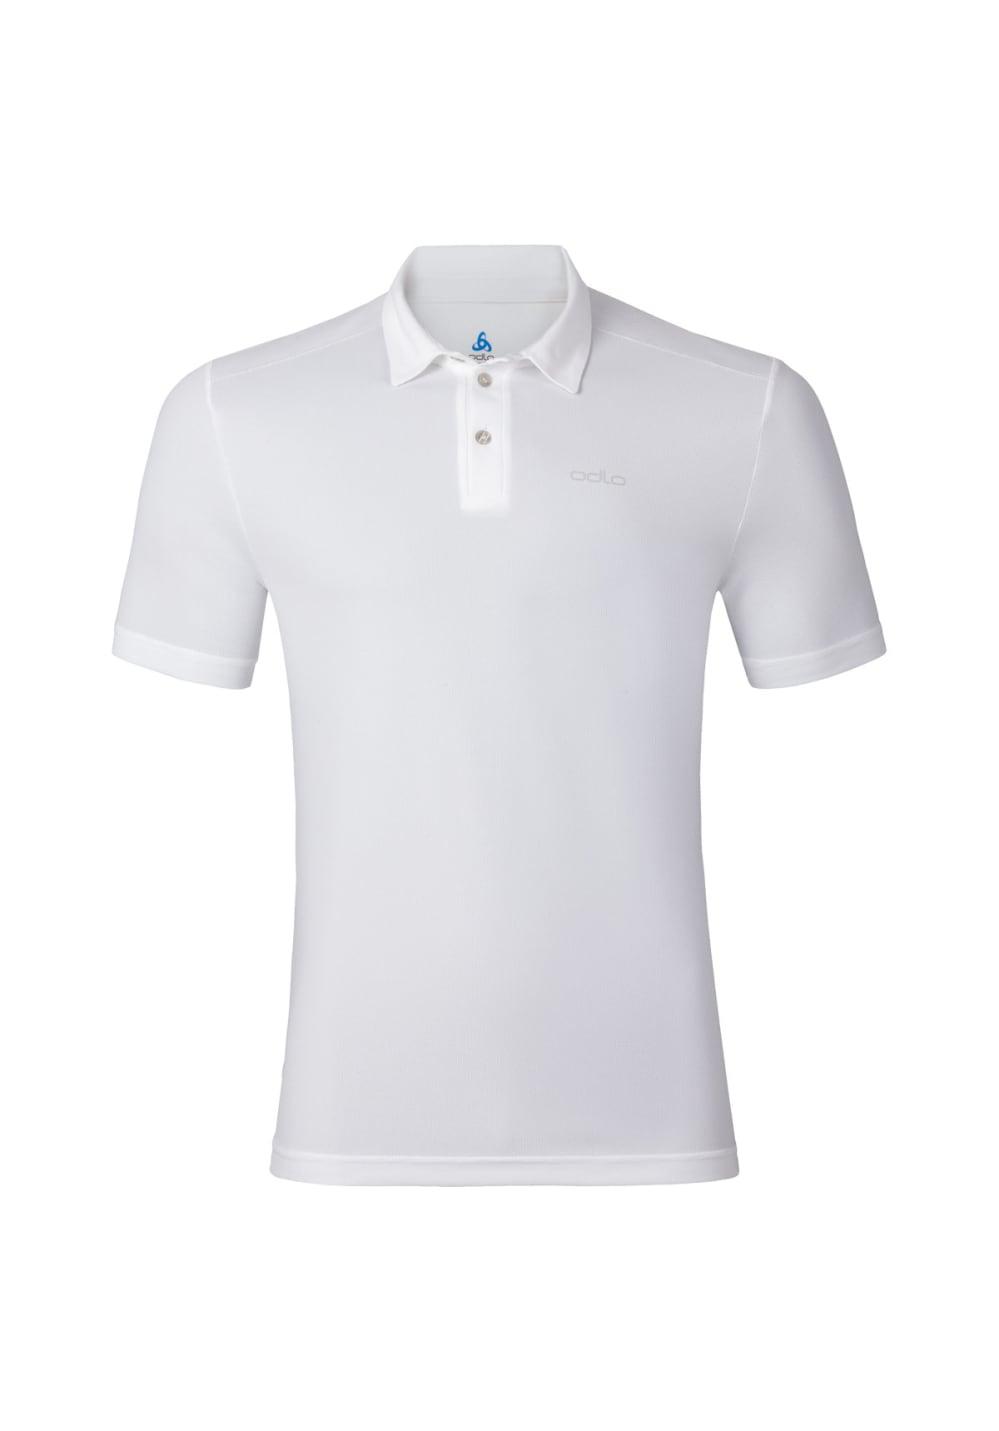 Odlo Polo Shirt Short Sleeve Peter - Laufshirts für Herren - Weiß, Gr. S